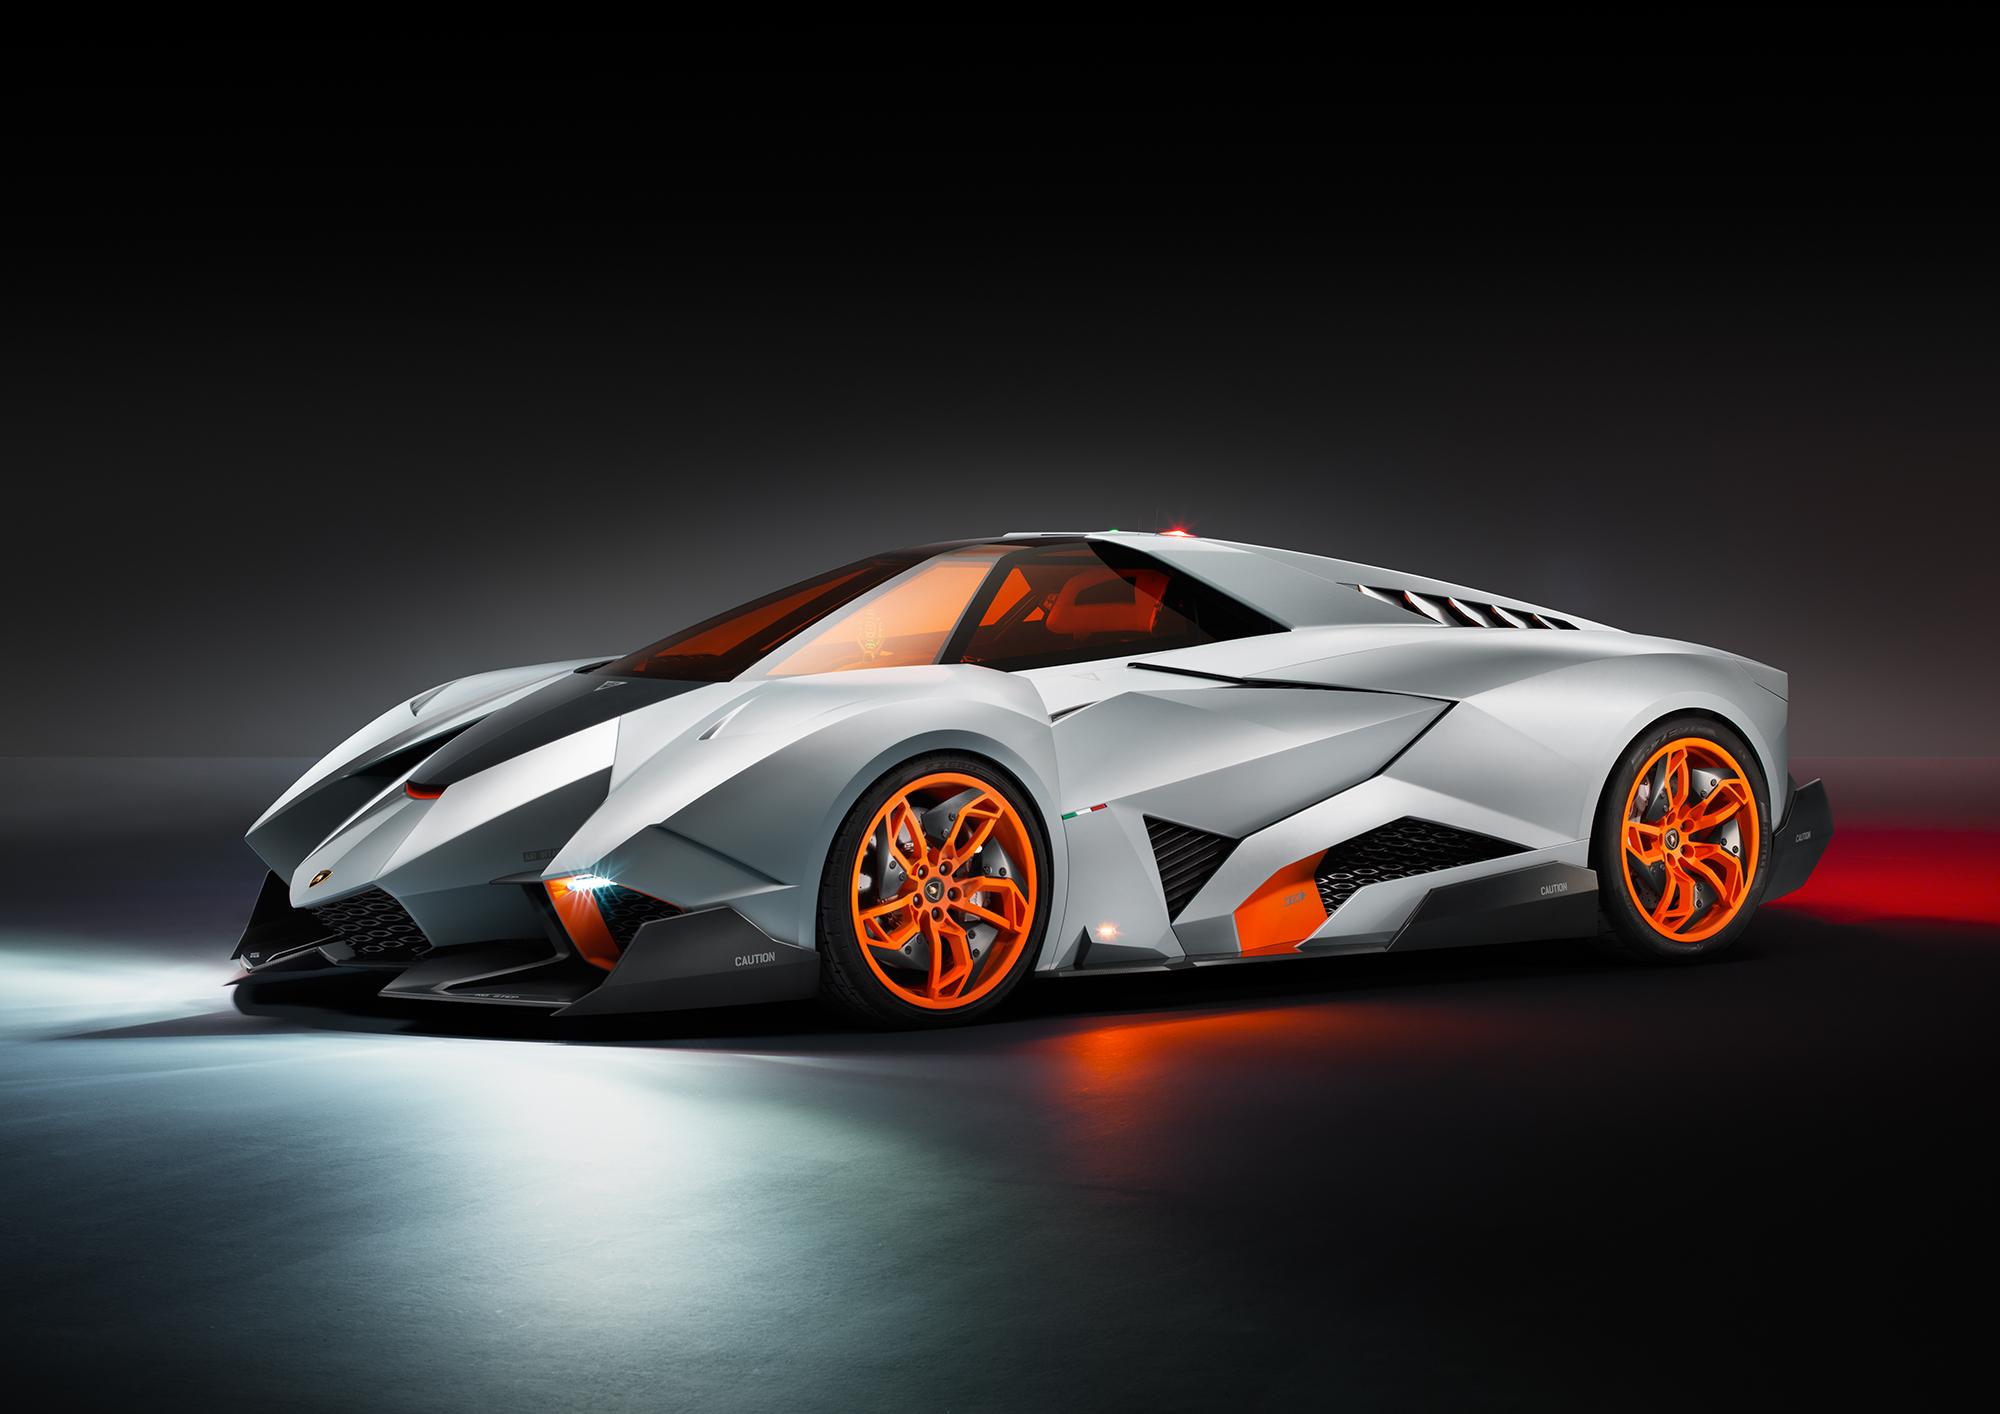 Lamborghini: Opravdová slabost boháčů